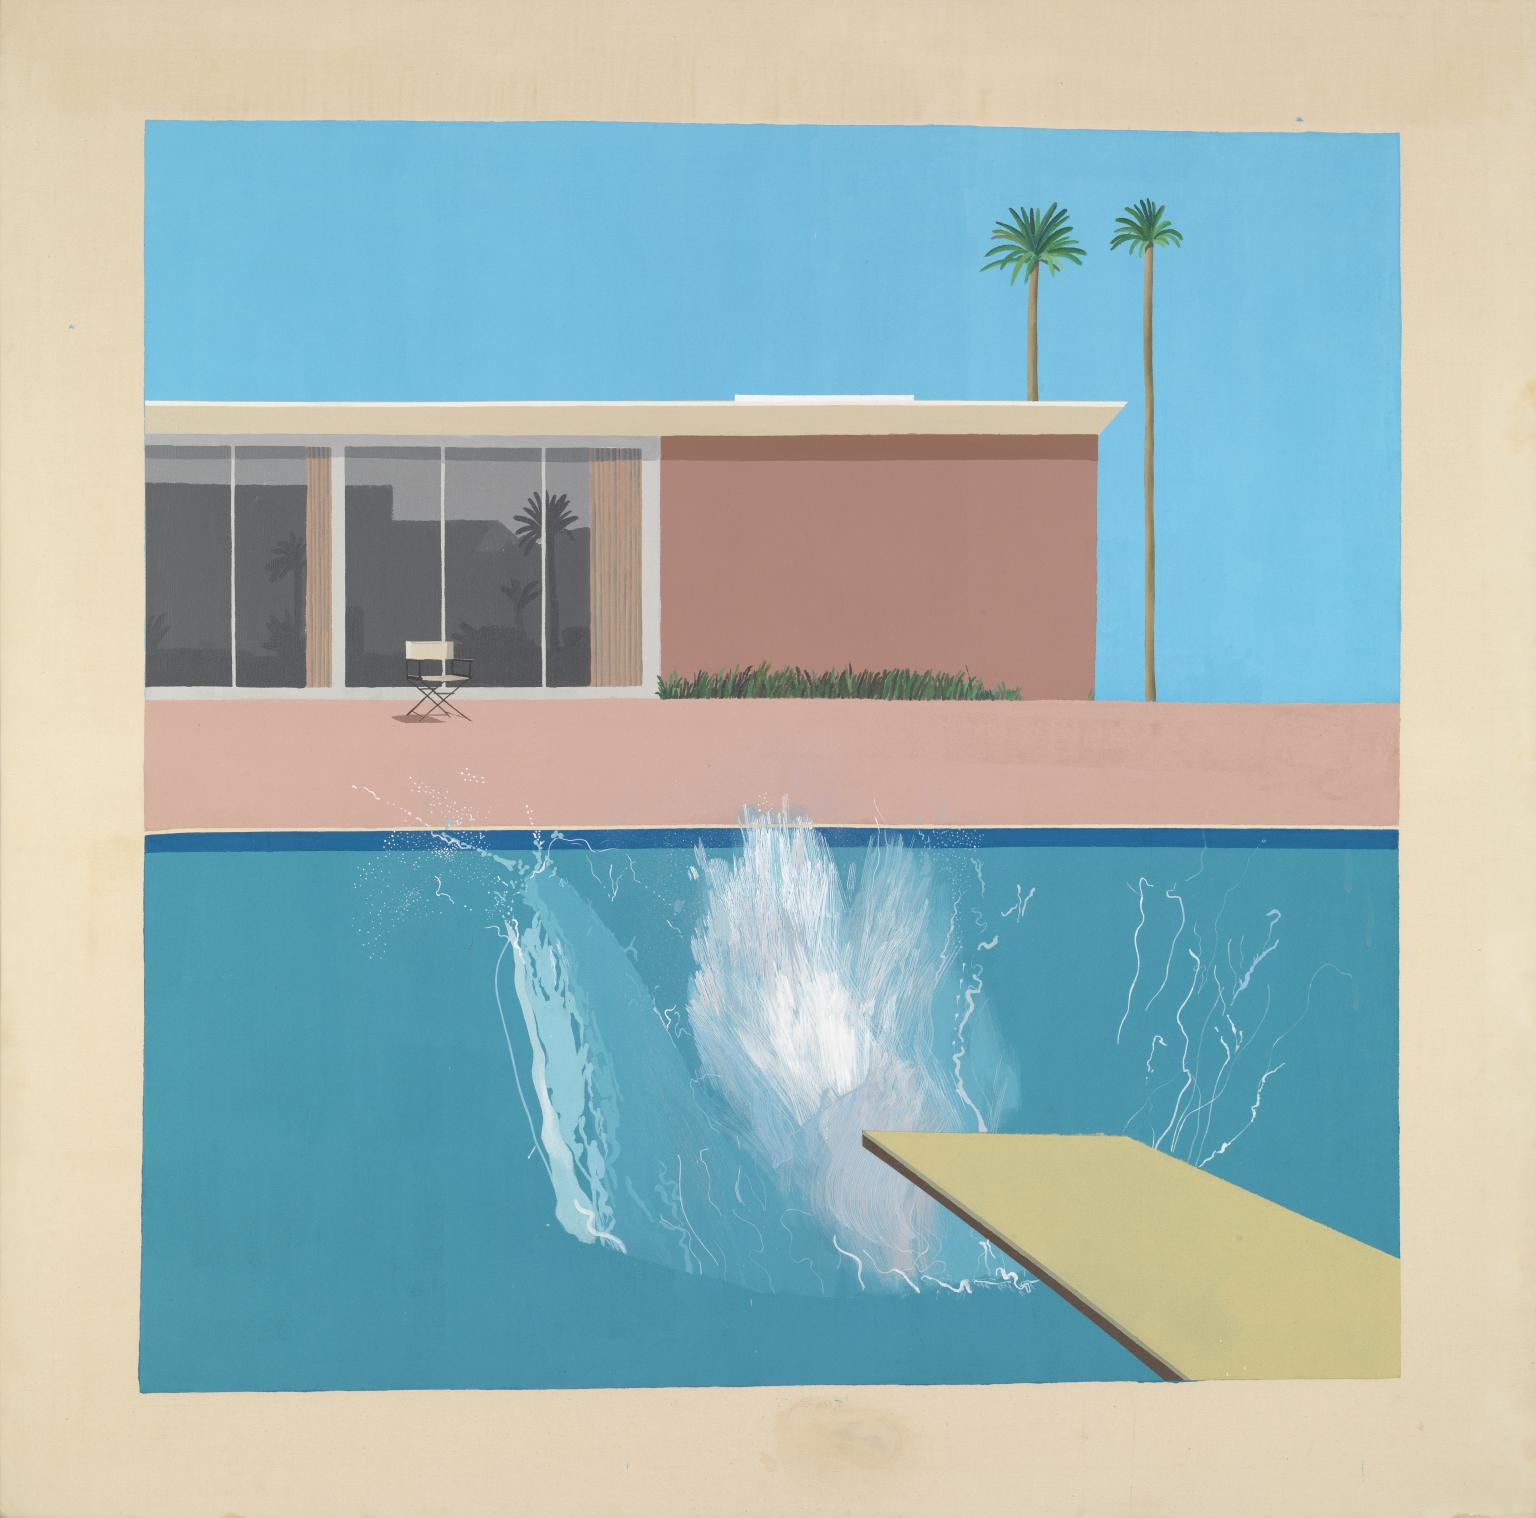 A Bigger Splash 1967 by David Hockney born 193